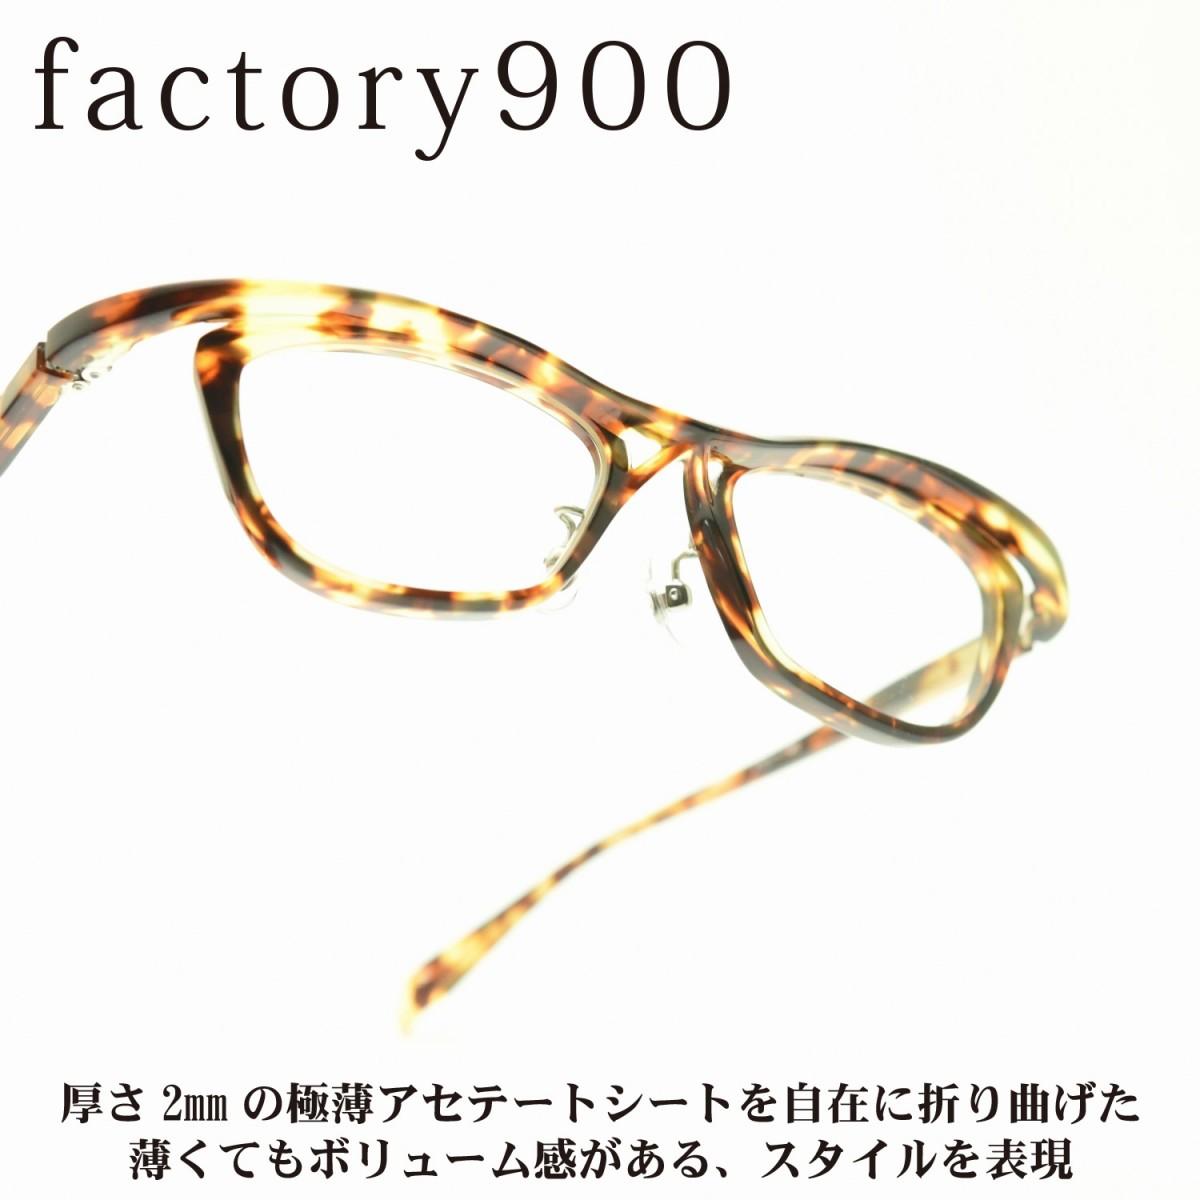 画像1: factory900 ファクトリー900 FA-2032 col-159 (1)